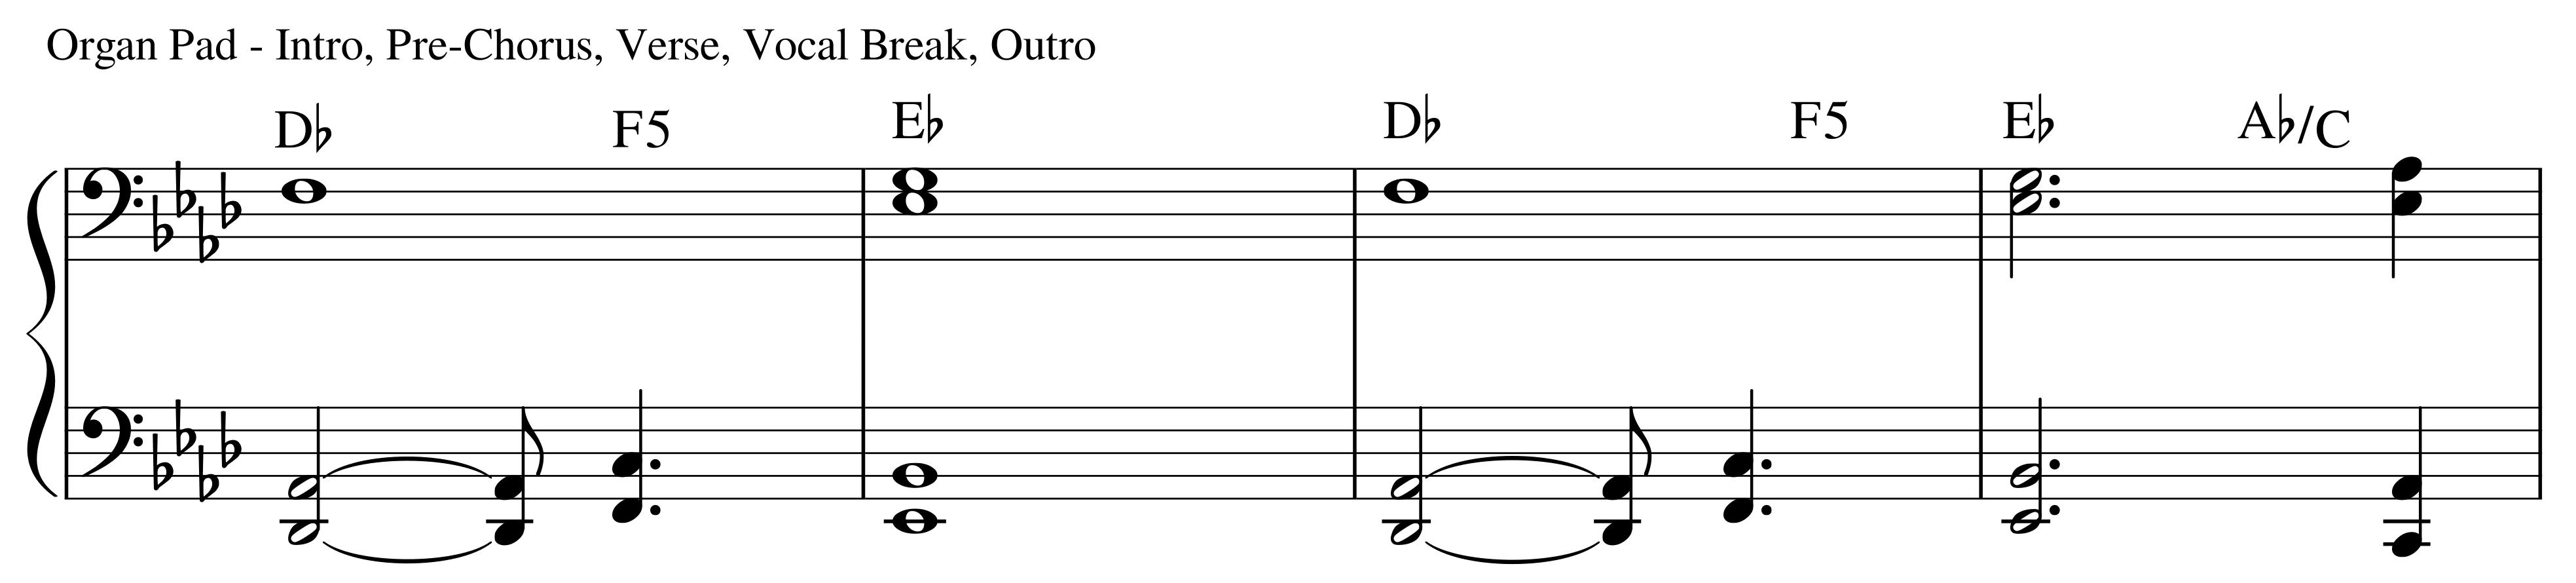 Organ-i,a,pc,vb,o